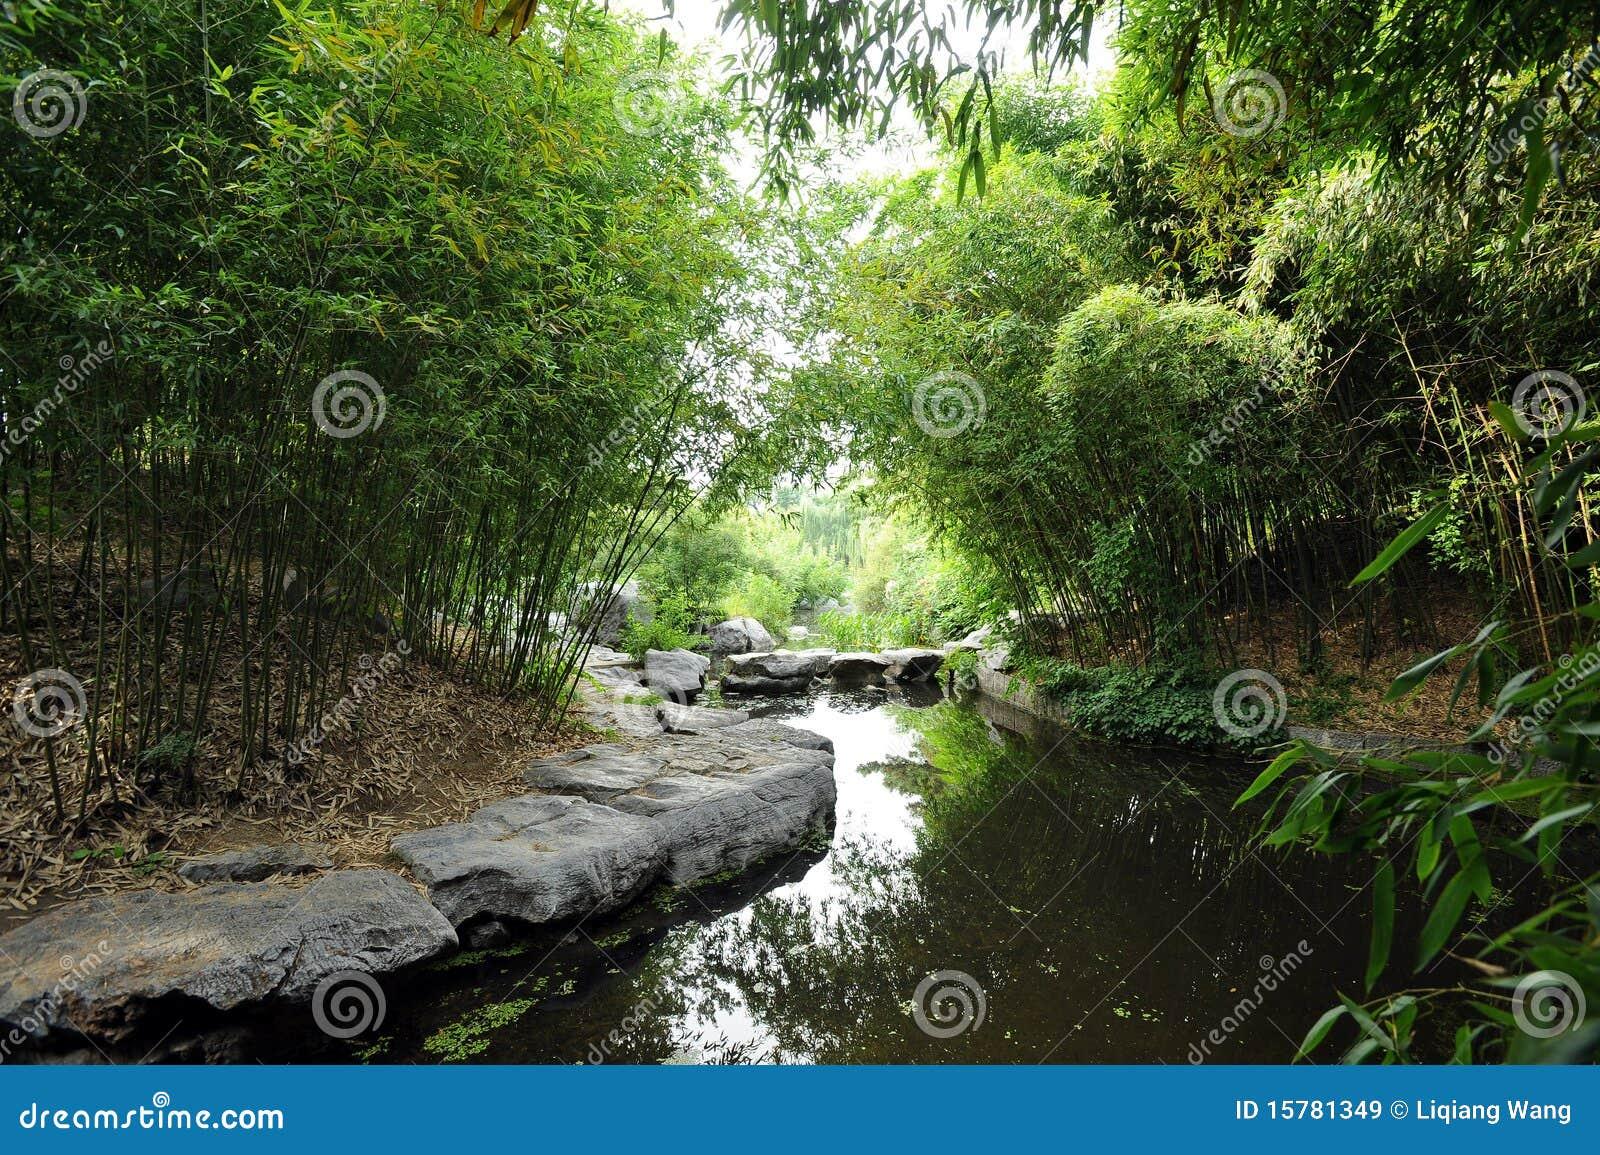 Meer gelijksoortige voorraadbeelden van ` de kromming van de rivier `